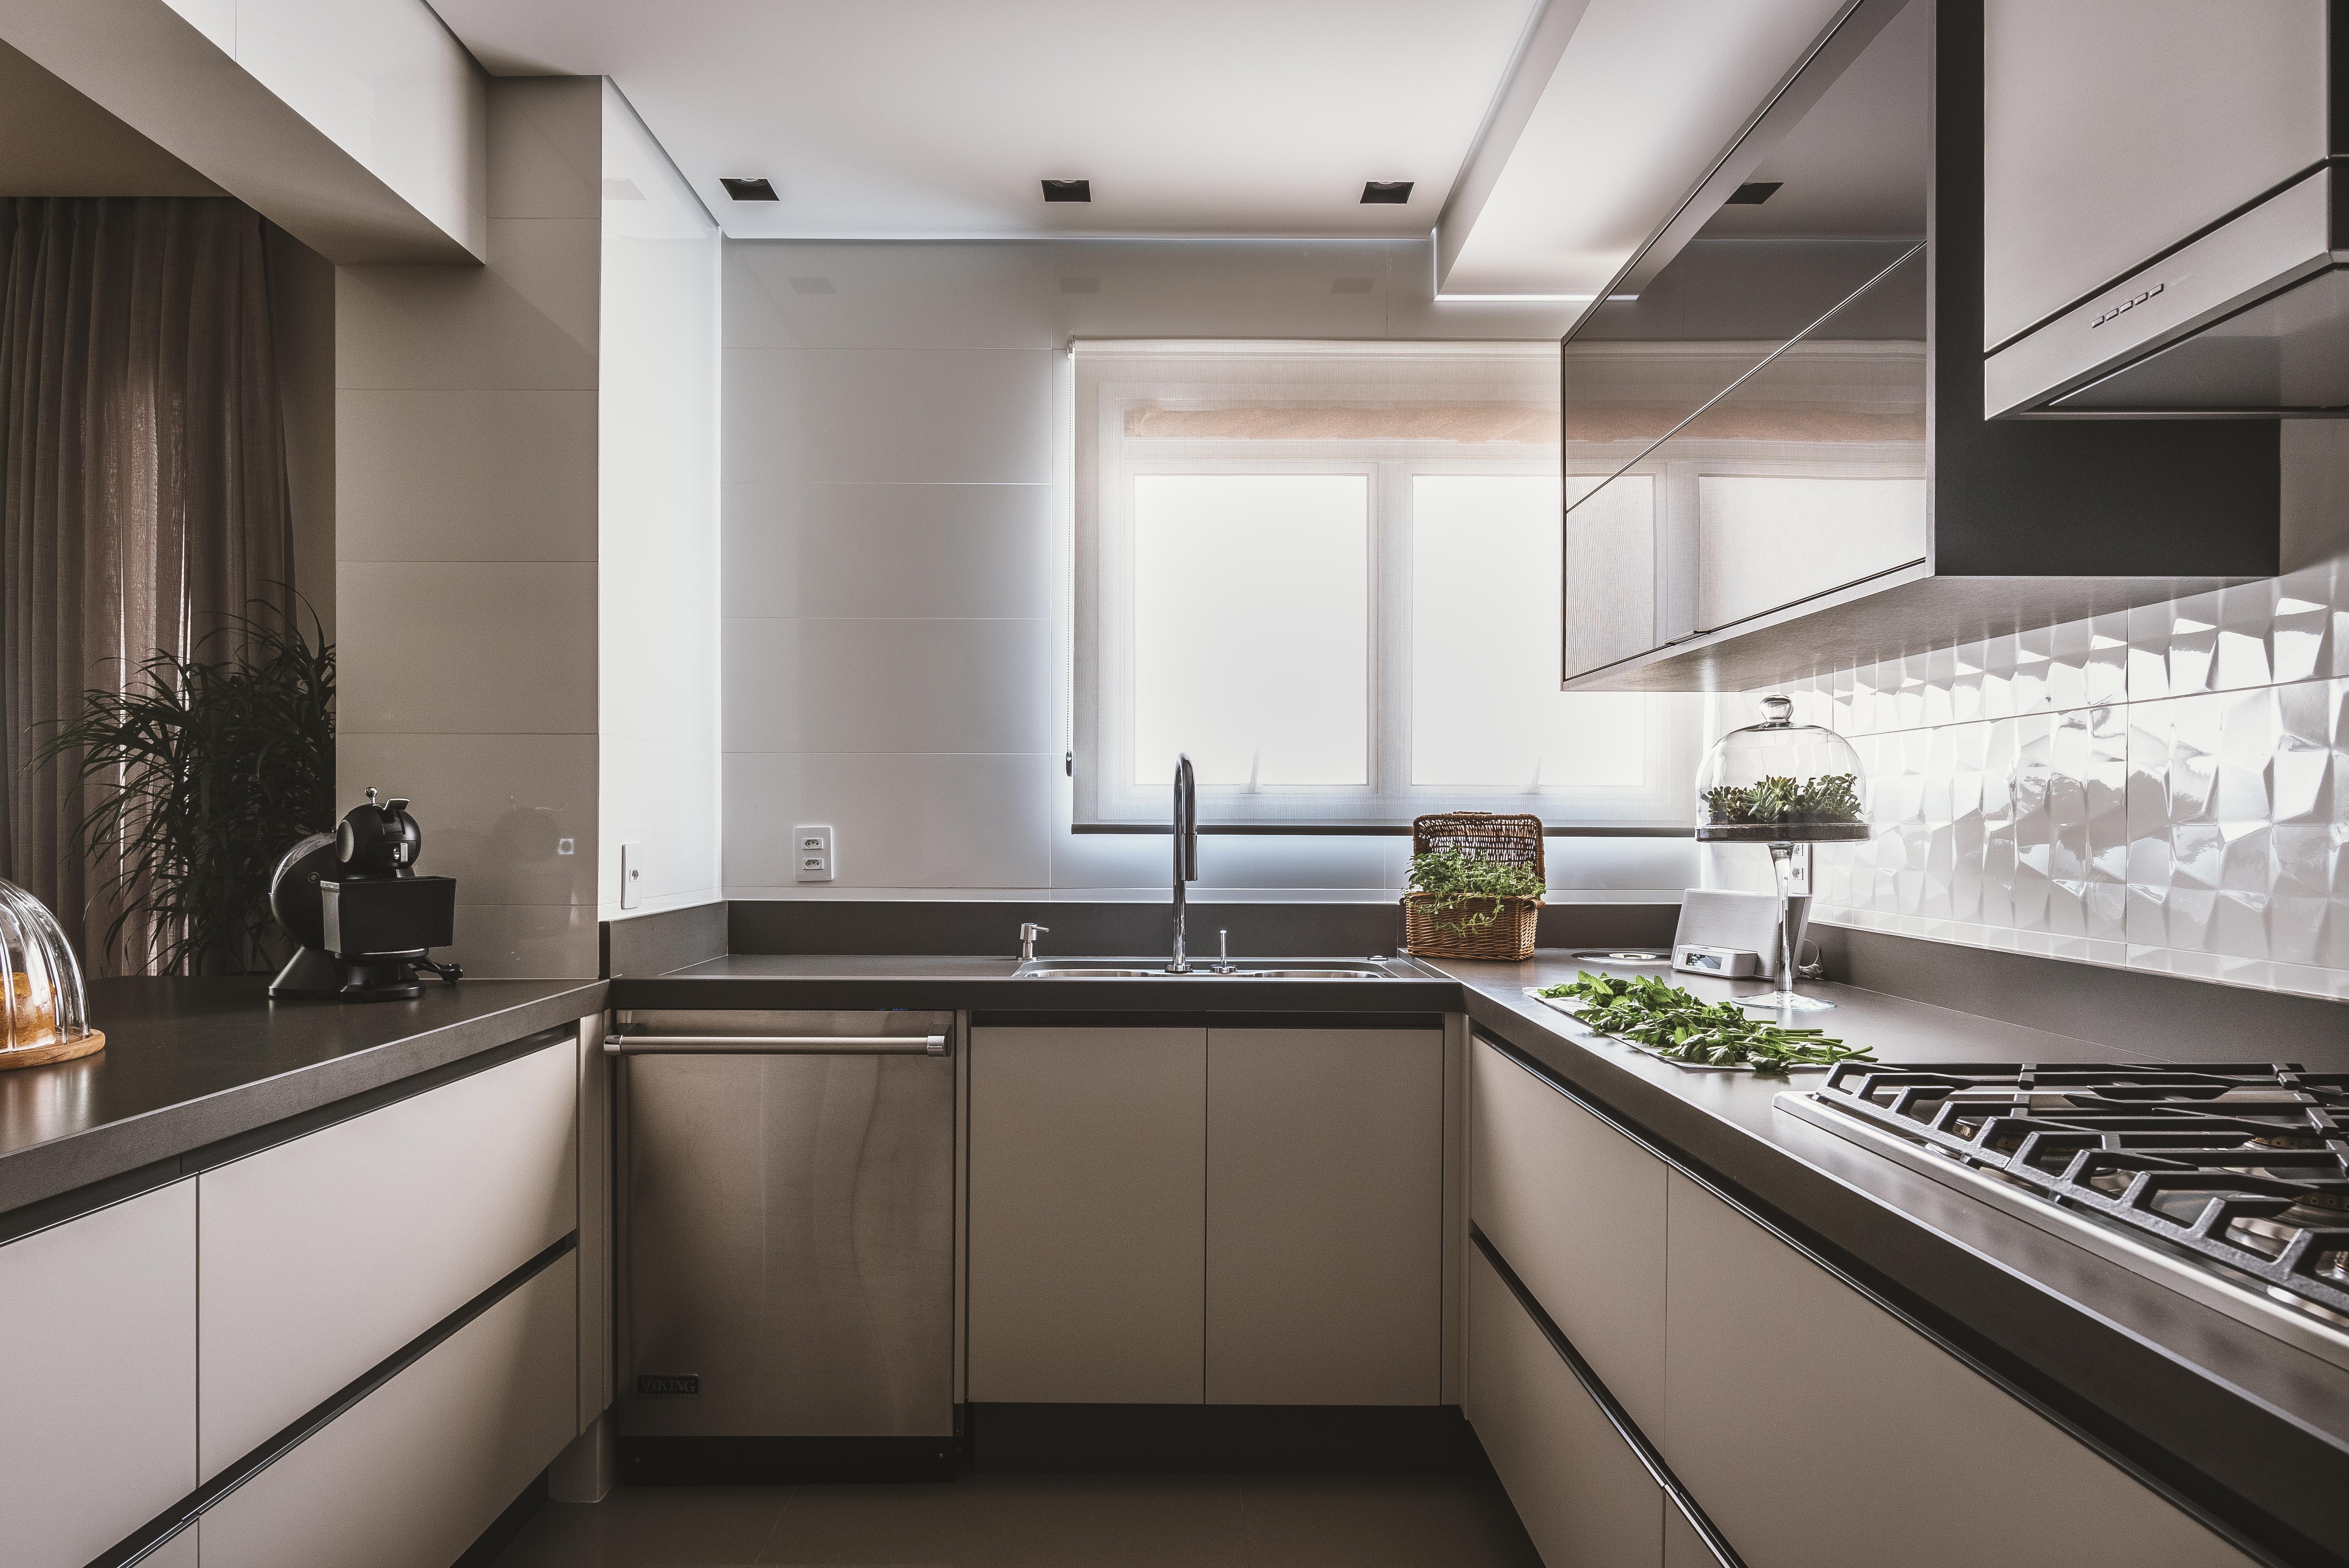 Cozinha com revestimento 3D na parede de porcelanato com efeito polido contrastando com a pedra fosca, armários em tom neutro e bancas cinza escuro e piso neutro.